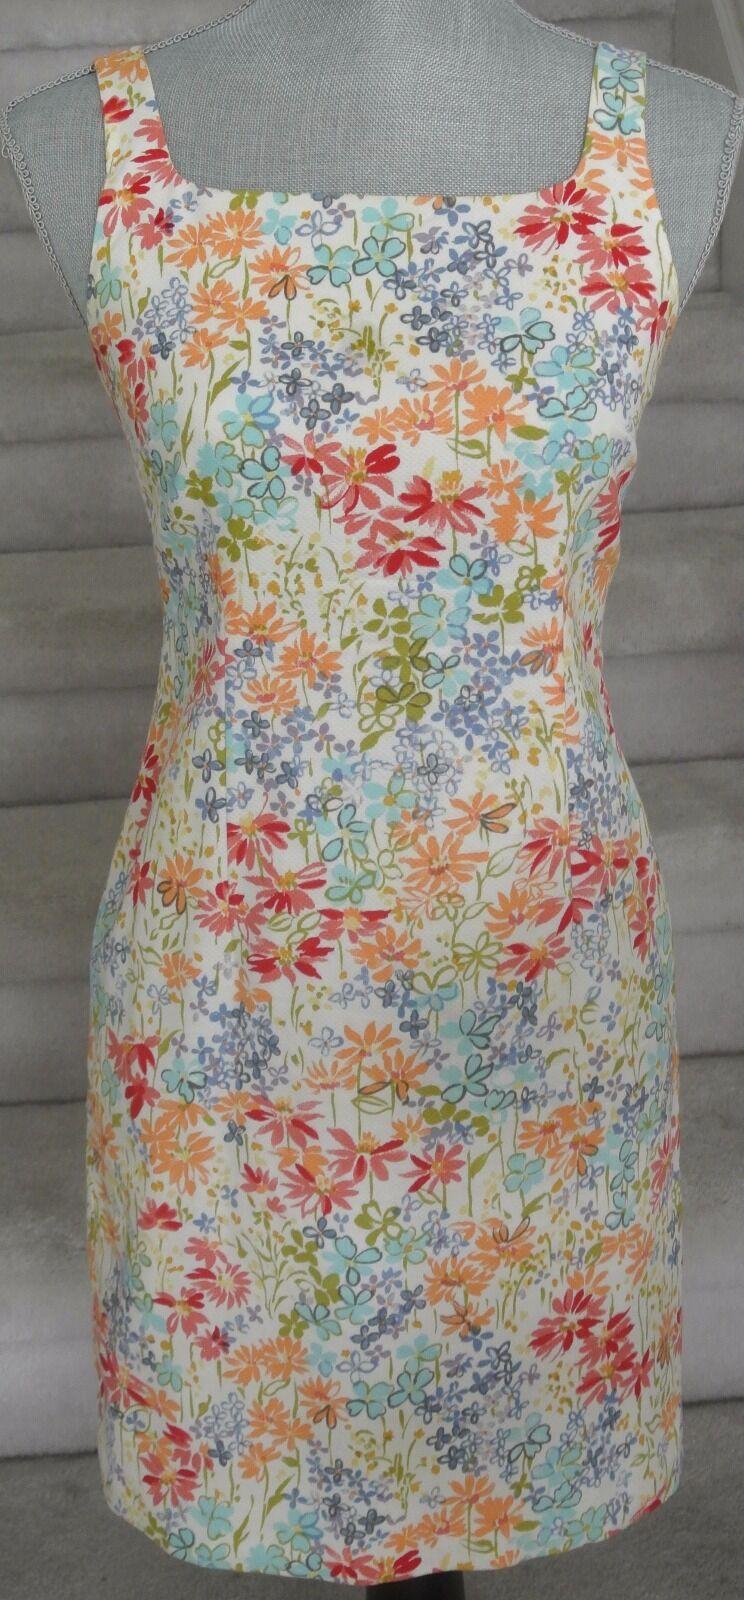 Multicolor Floral ANN TAYLOR LOFT Halter Mini Cotton Dress, Sz 2P